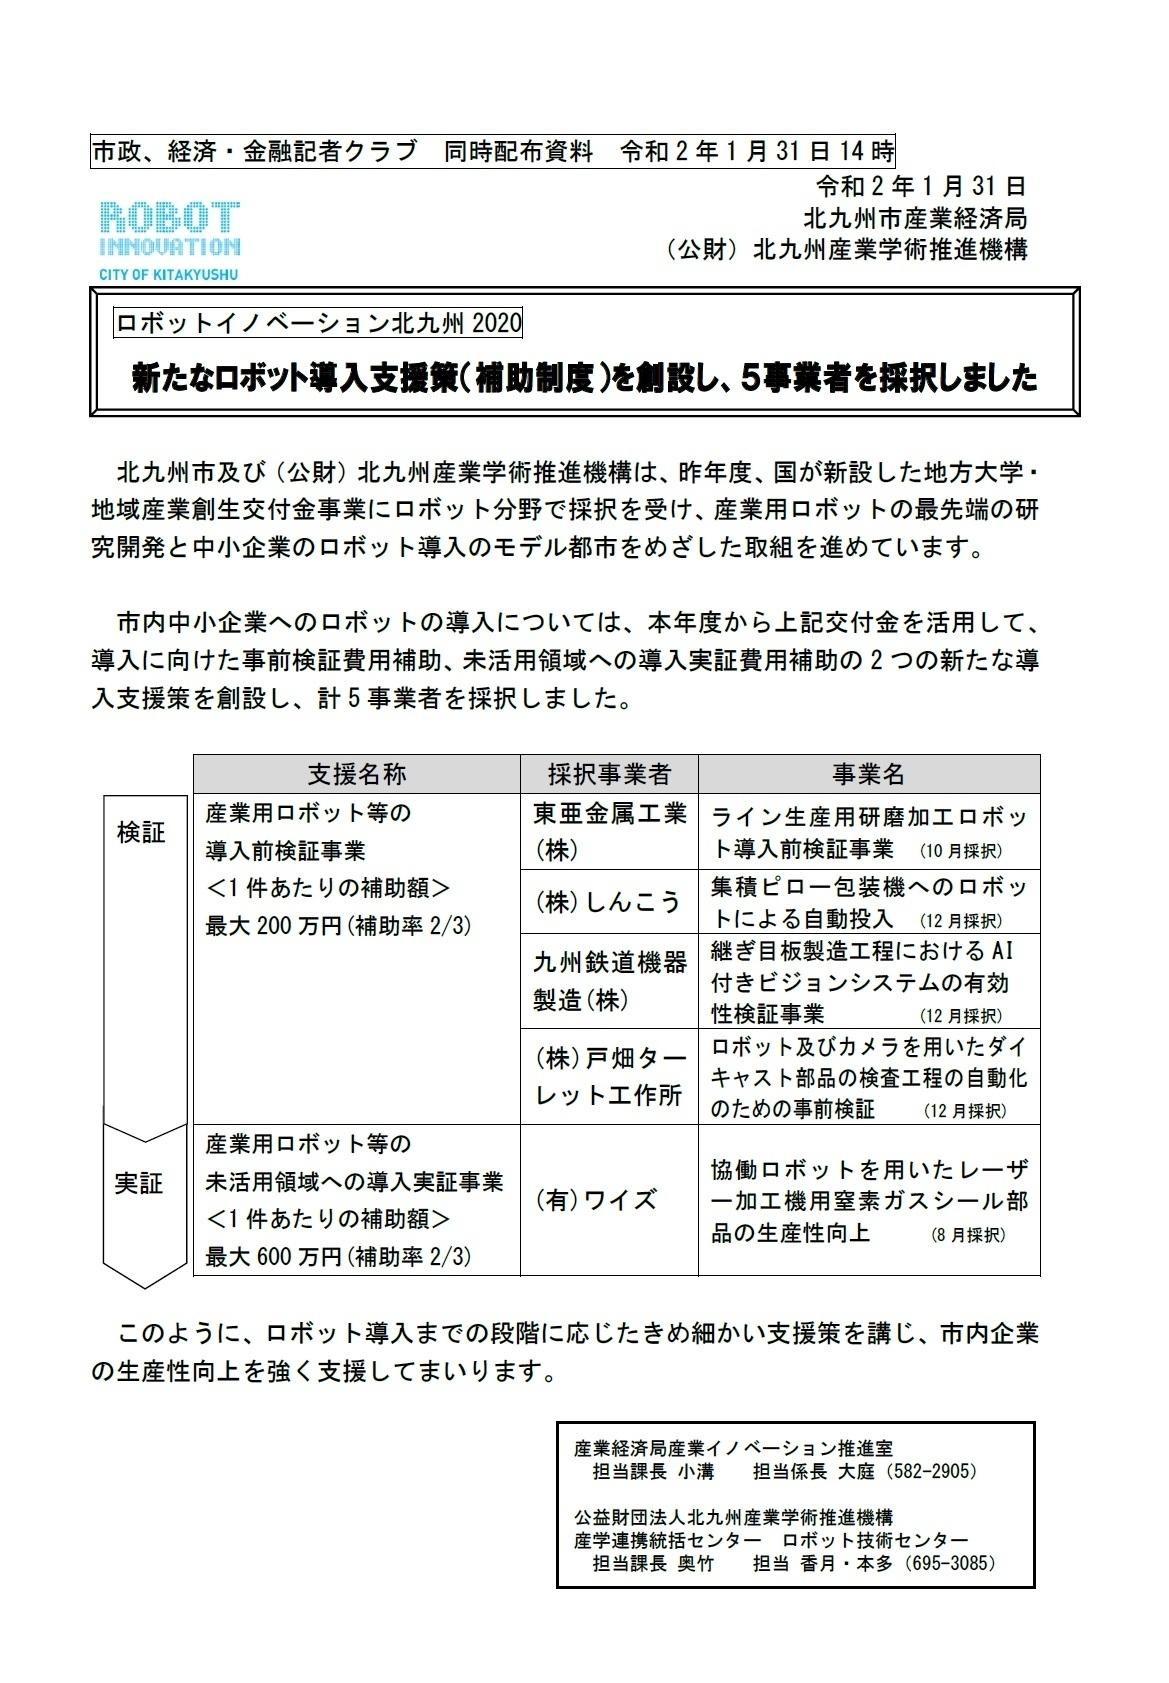 http://www.ksrp.or.jp/fais/robot/news/66b06cff11313c4c05a544807a44bf8f.jpg